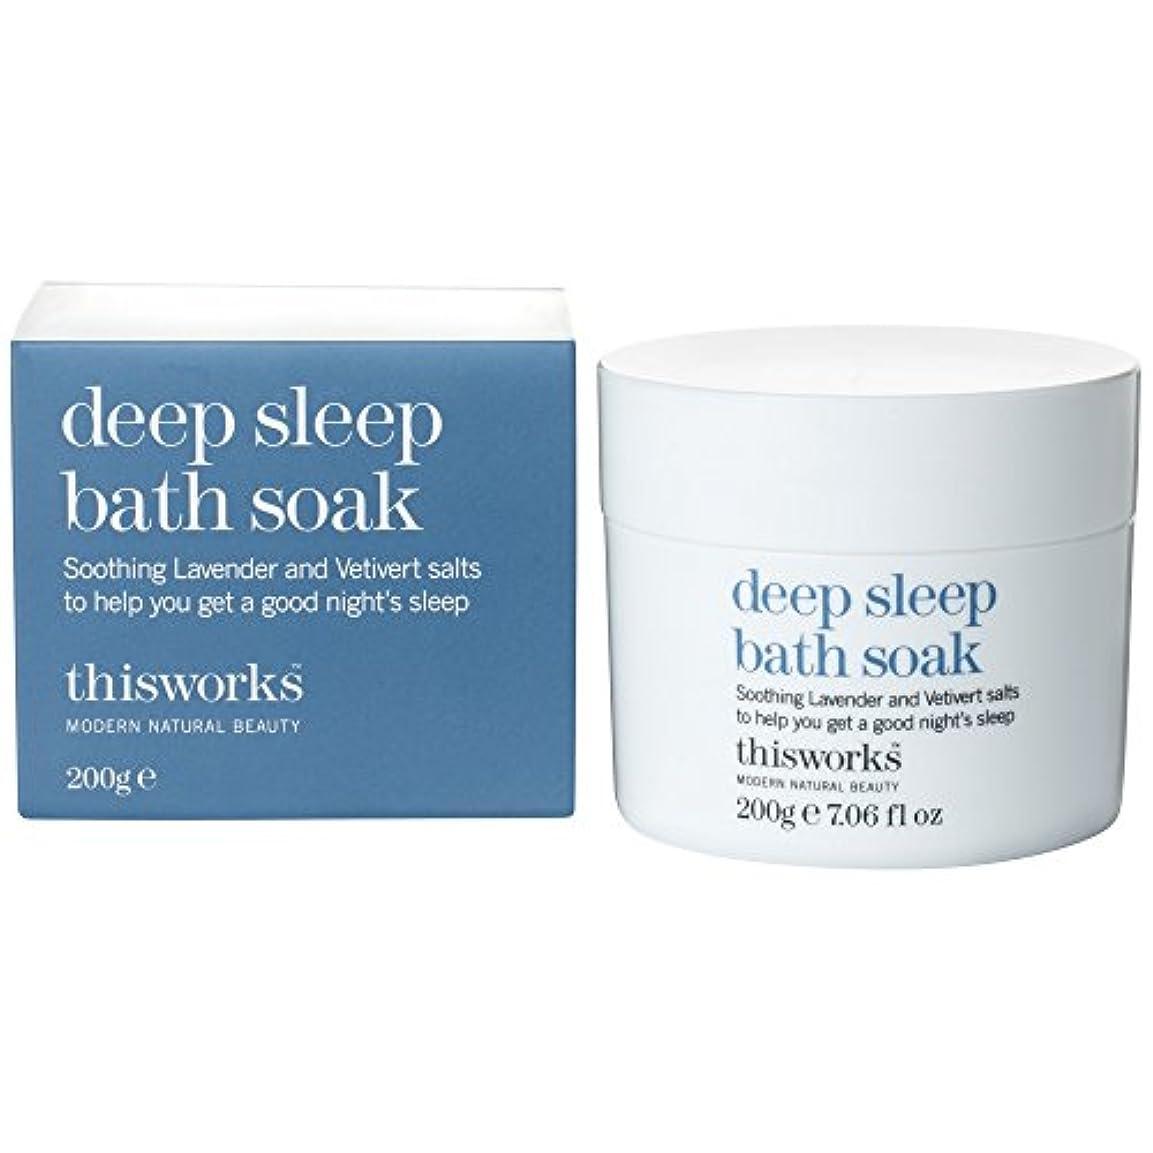 ではごきげんよう性差別政権これは、深い眠り浴が200グラムを浸す働きます (This Works) - This Works Deep Sleep Bath Soak 200g [並行輸入品]